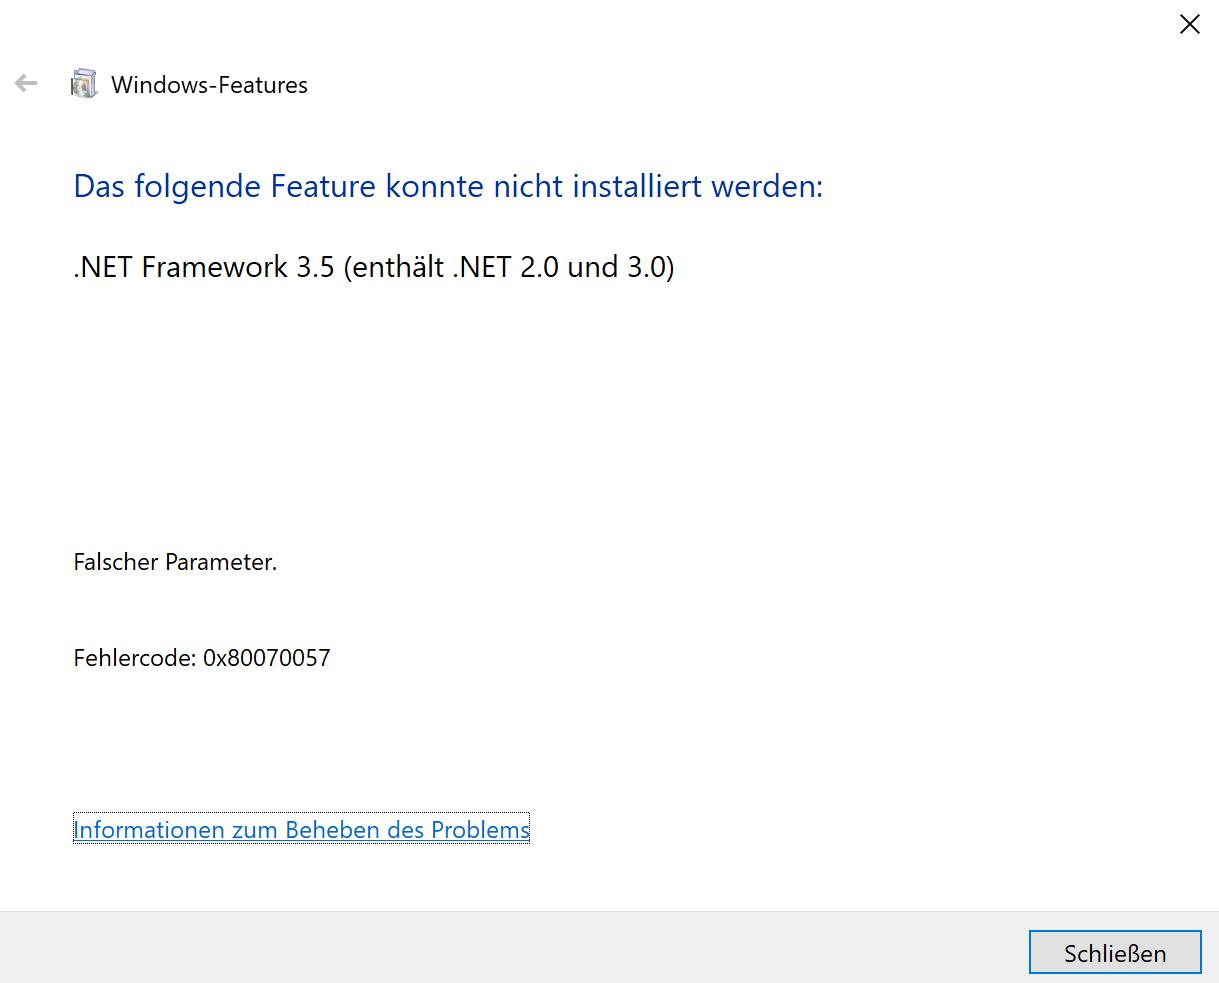 .Net Framework 3.5 auf dem Surface Pro installieren